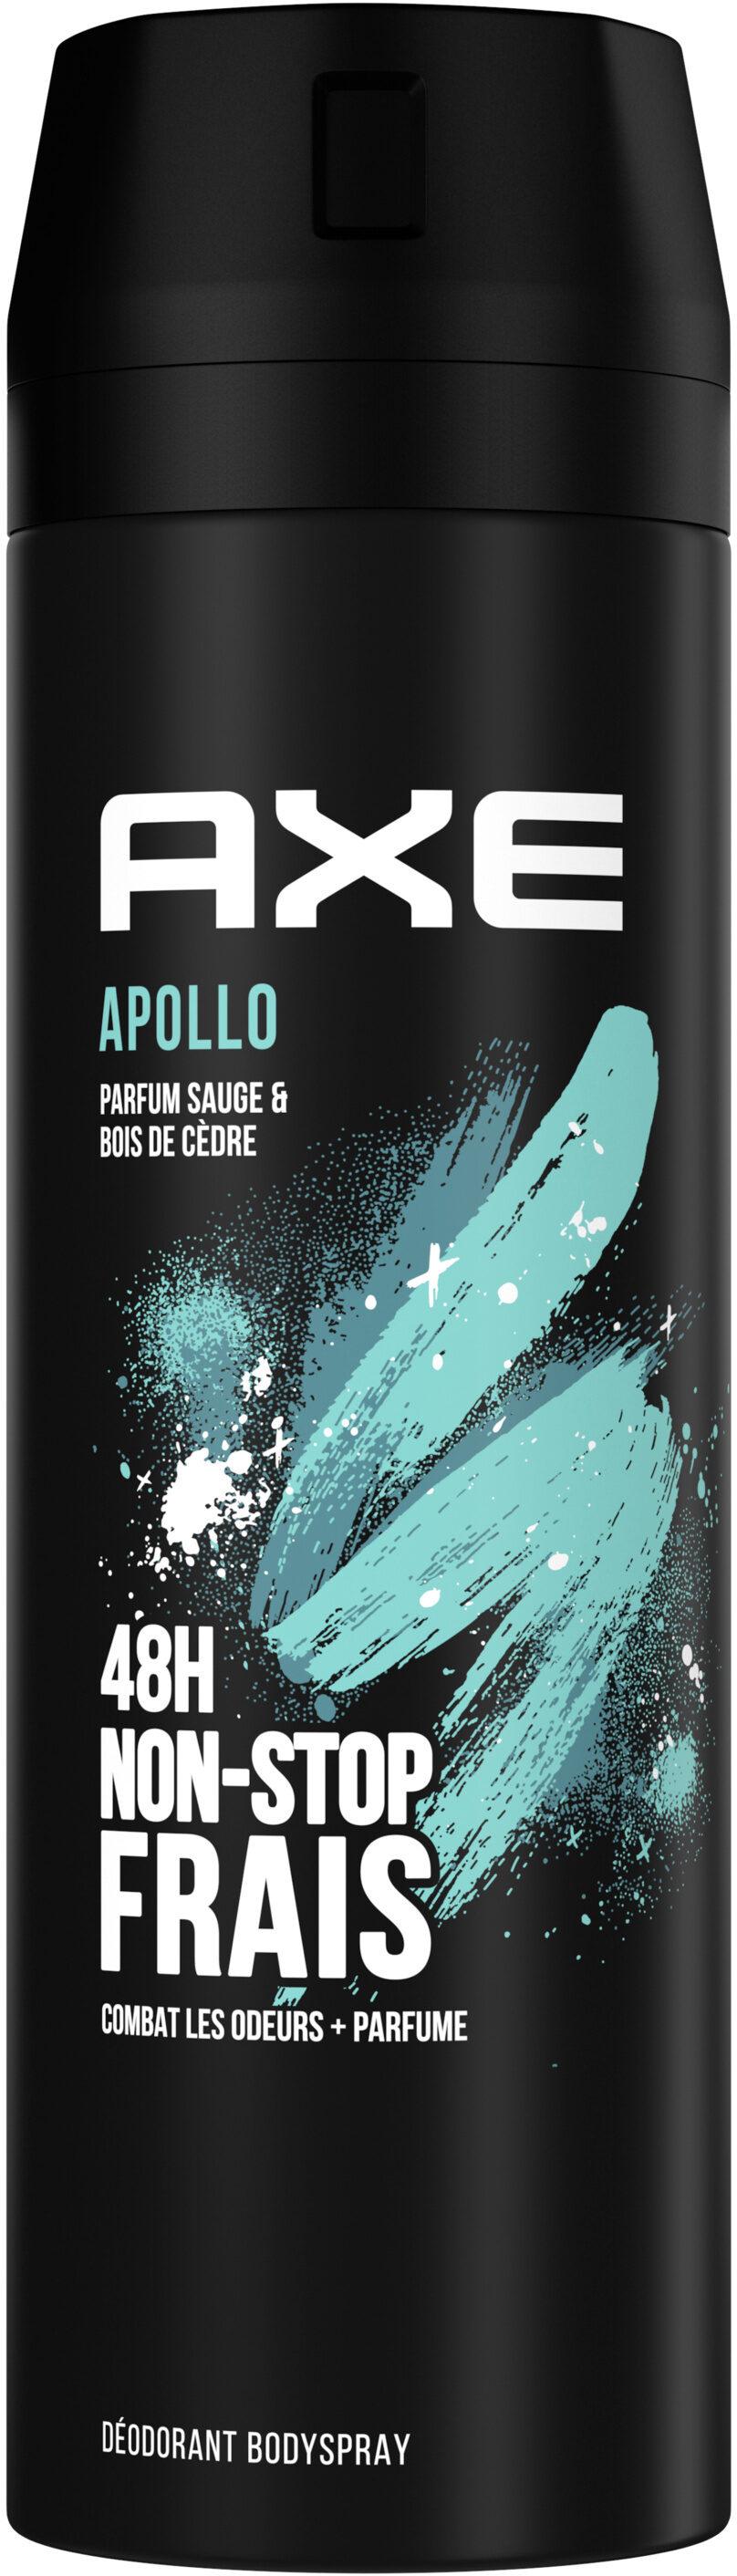 Axe Déodorant Bodyspray Apollo 48h Non-Stop Frais - Product - fr